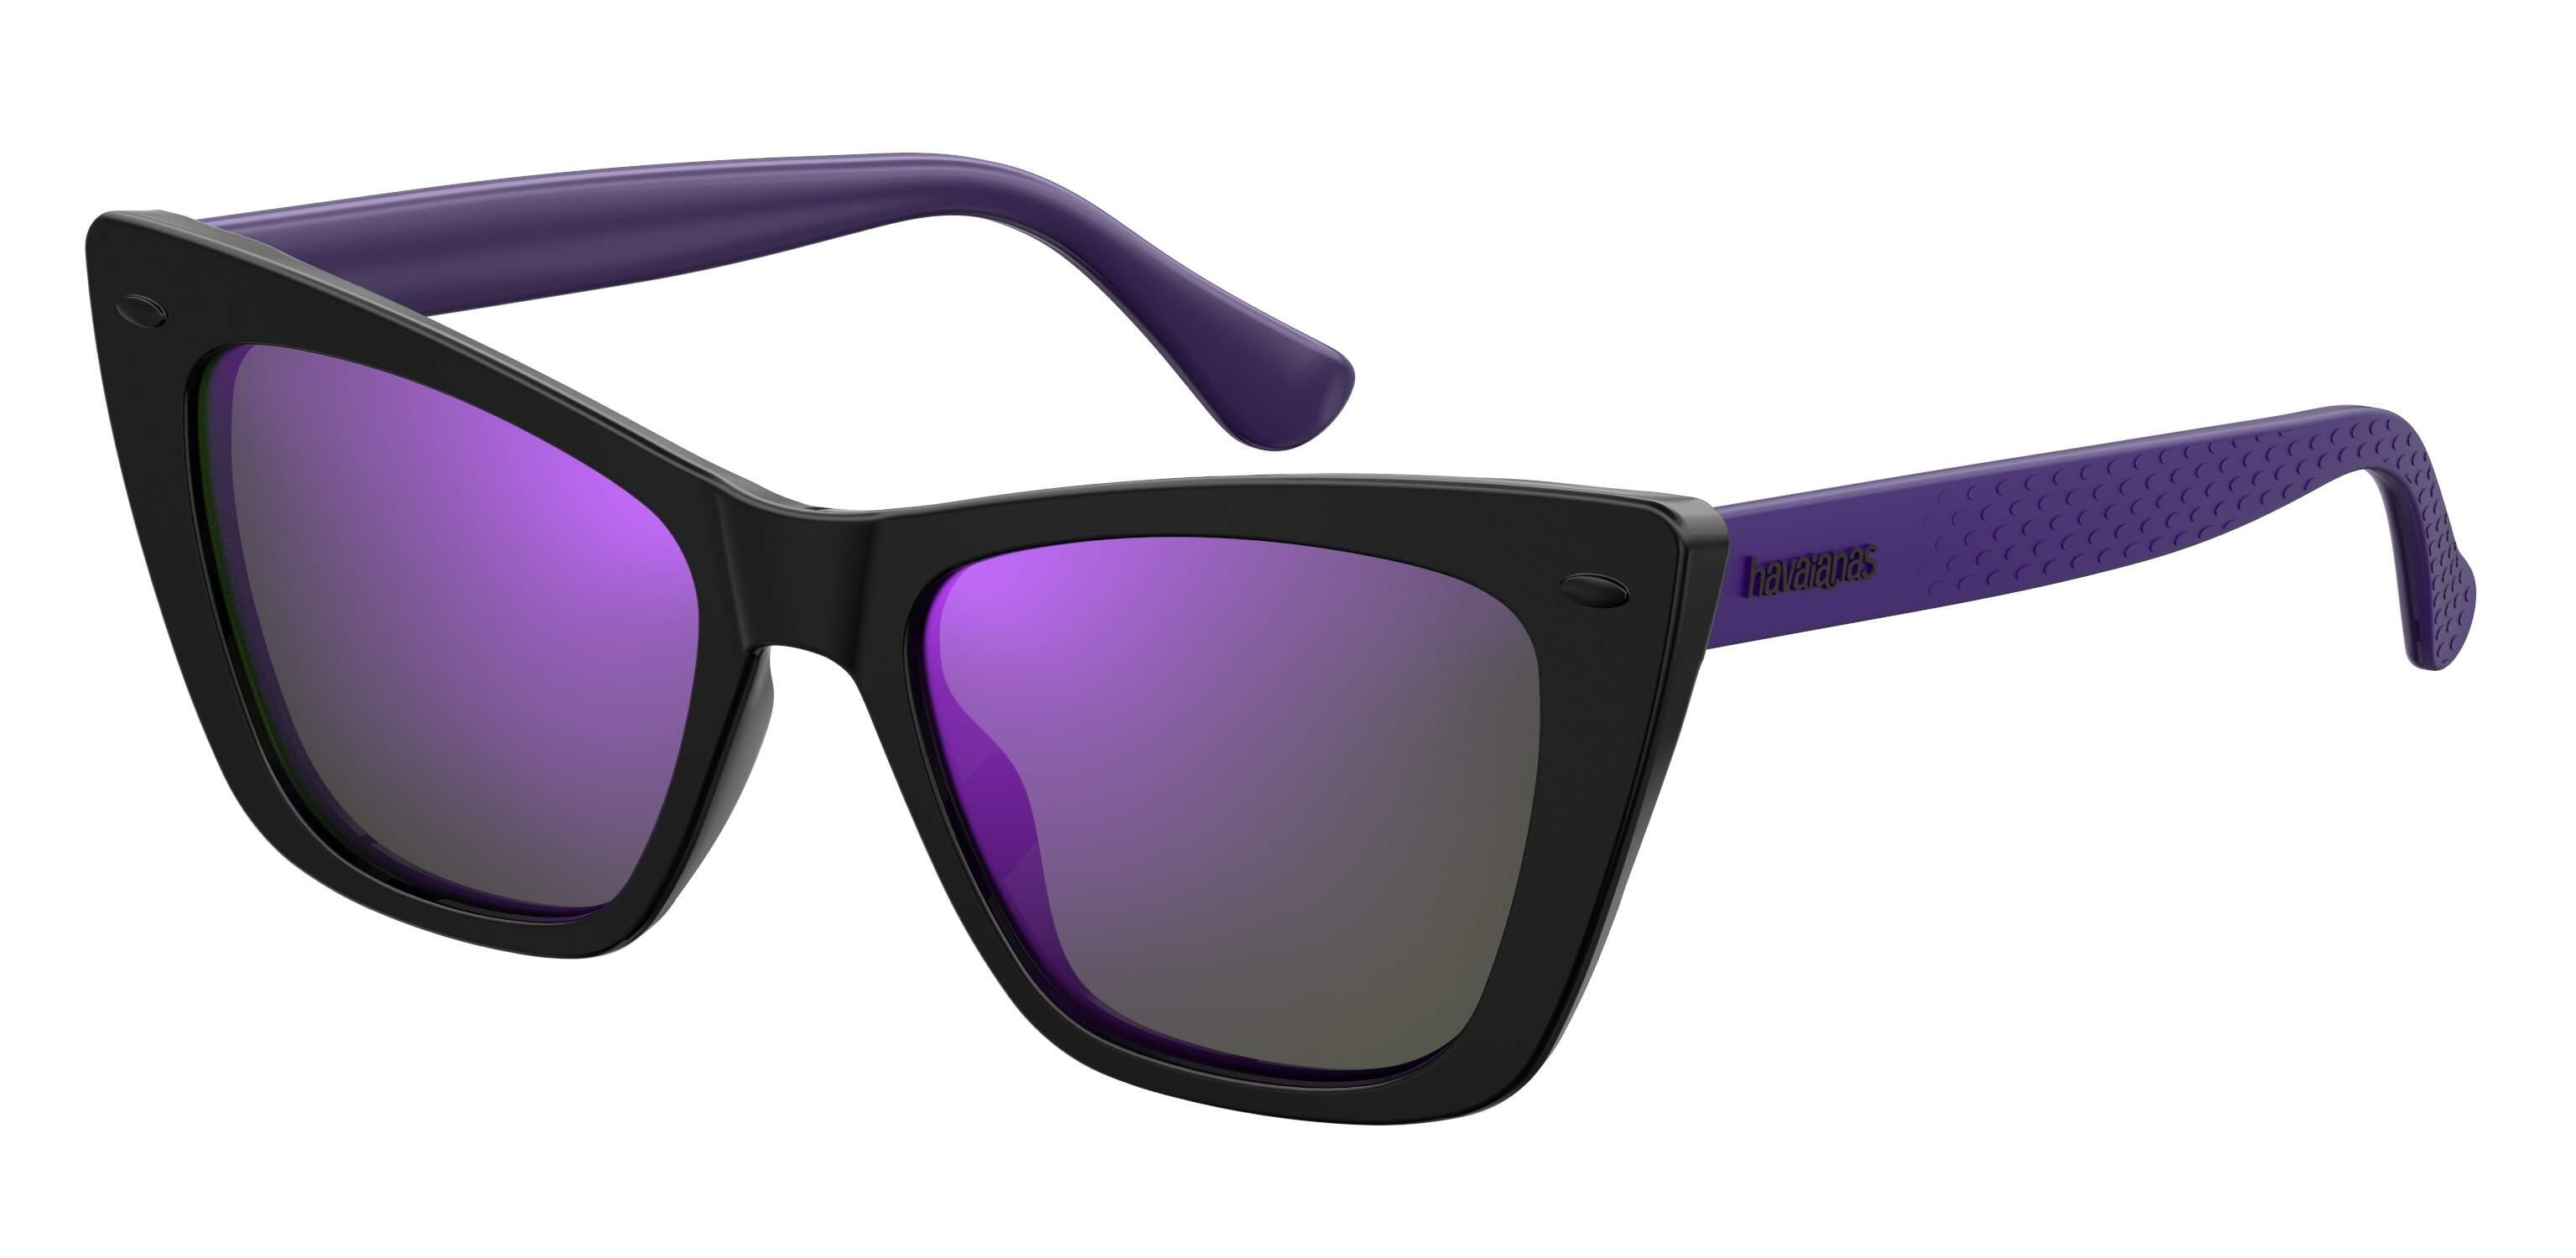 0c26a84c9 Havaianas apresenta nova coleção de óculos inspirada em seus modelos Slim